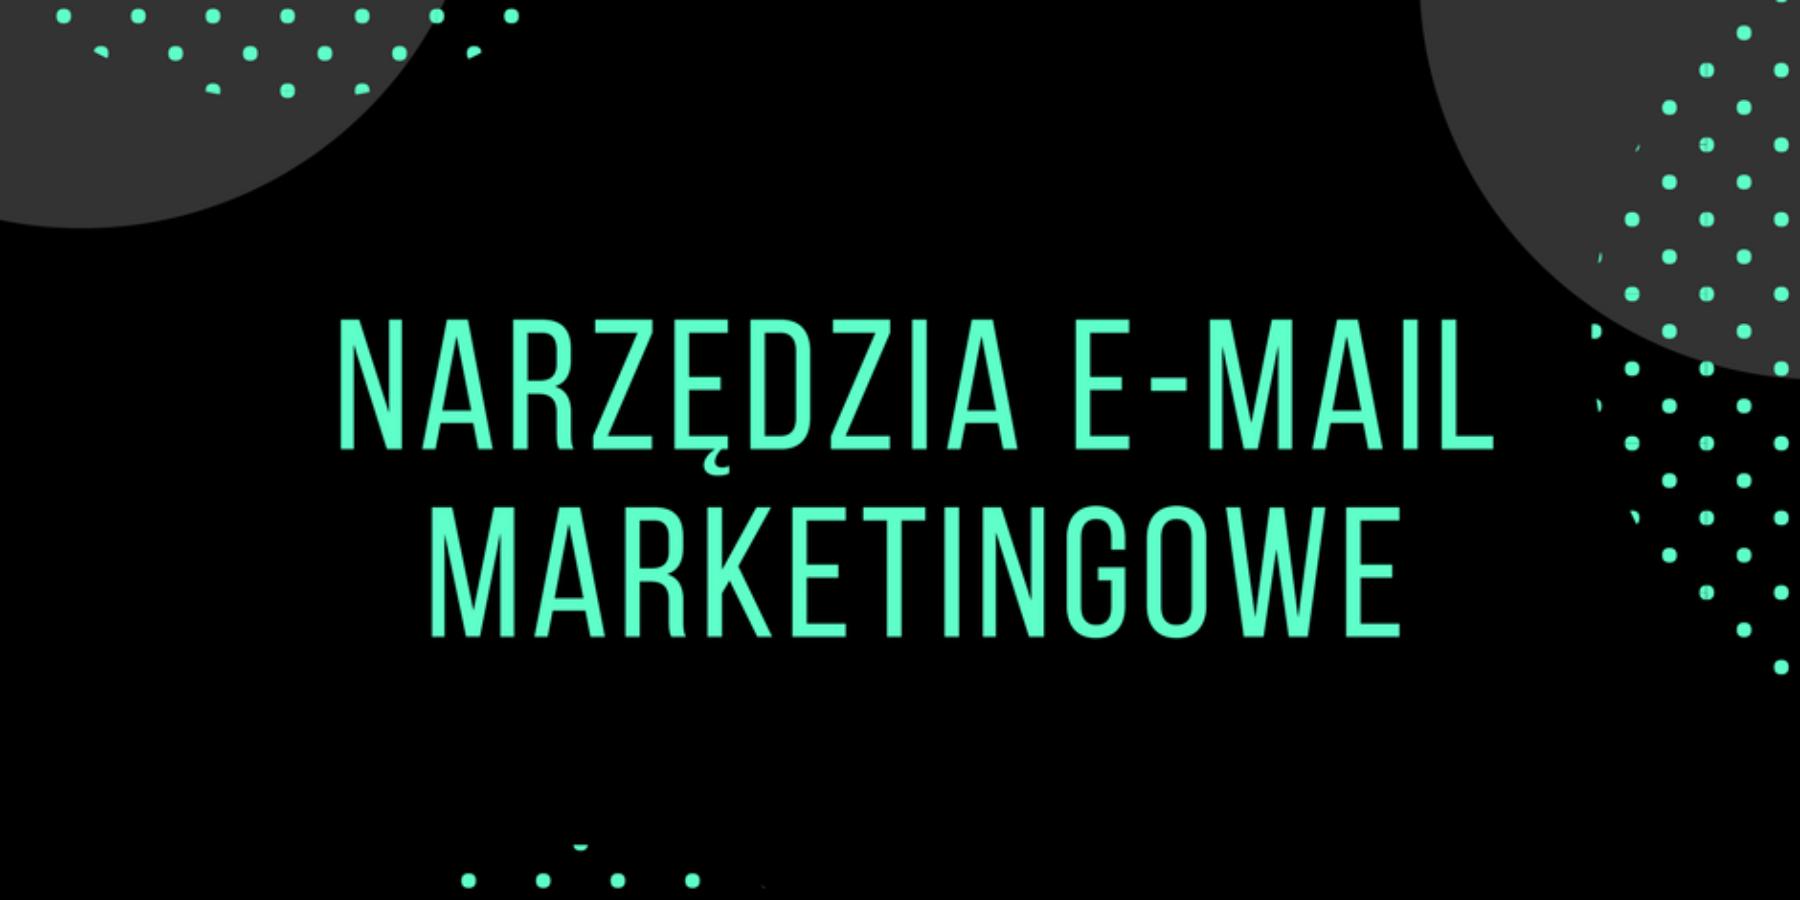 Narzędzia e-mail marketingowe – które wybrać?